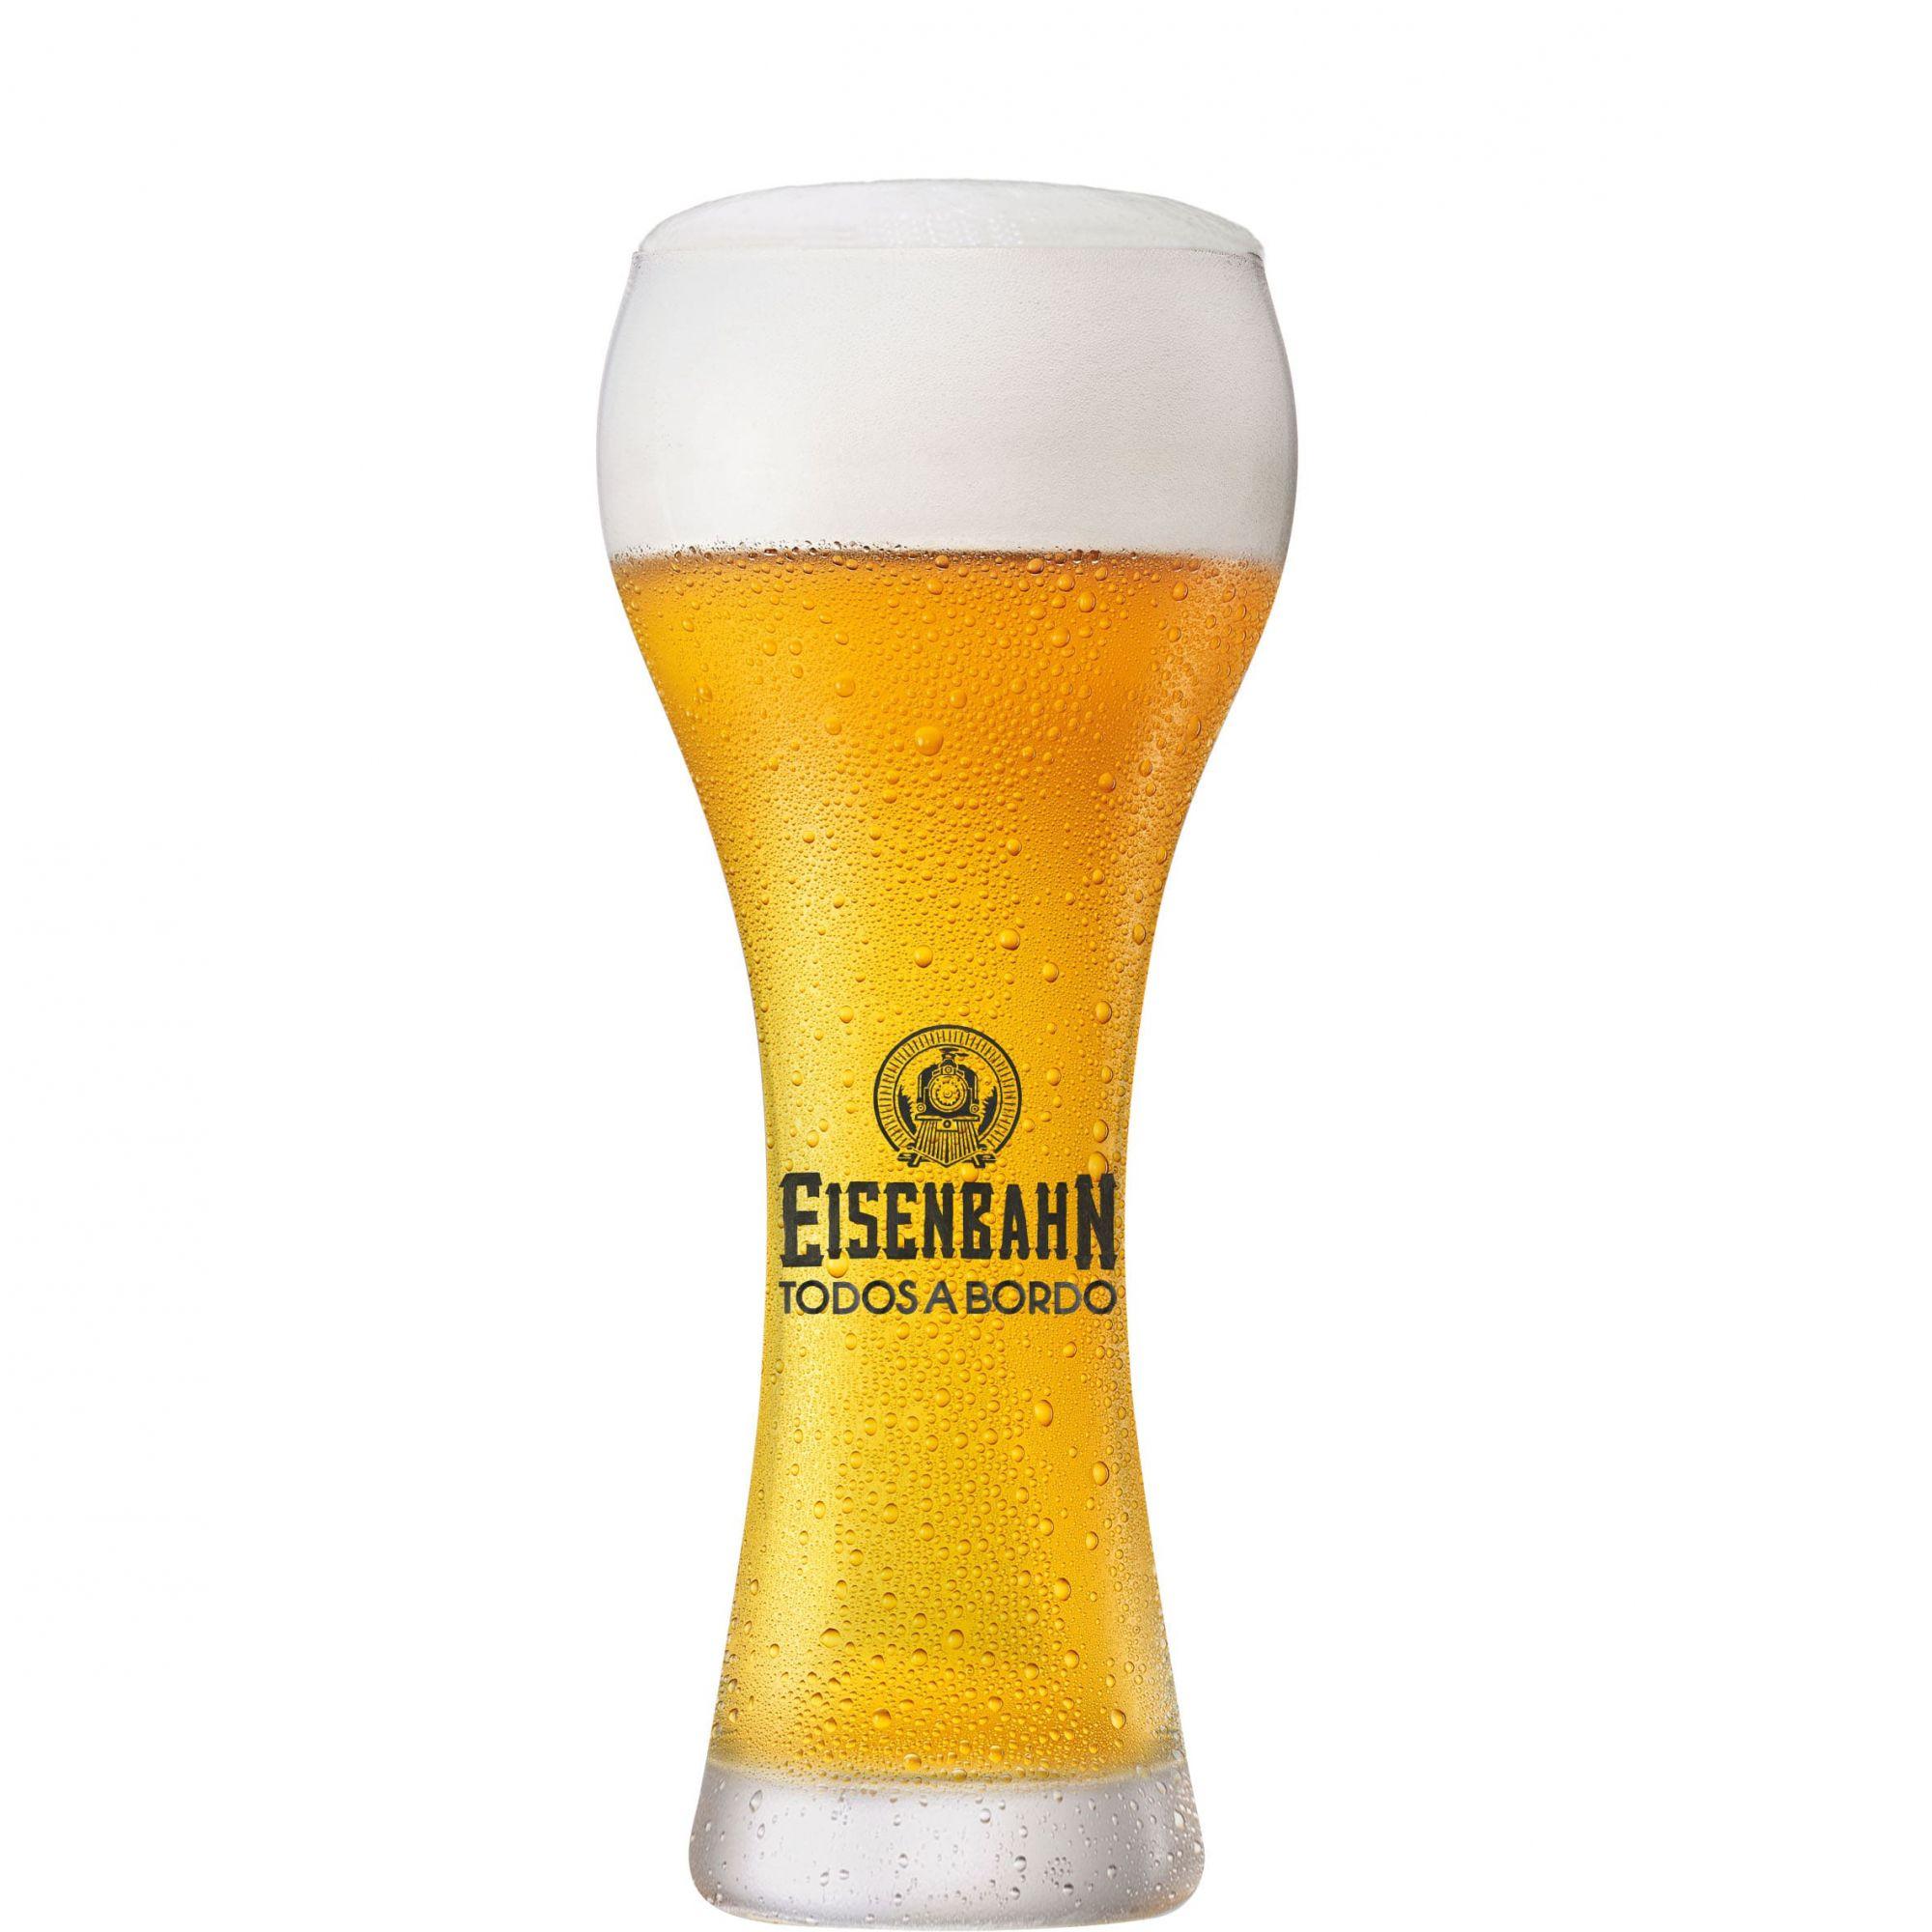 Copo Cerveja Weiss Eisenbahn Todos a Bordo 360ml